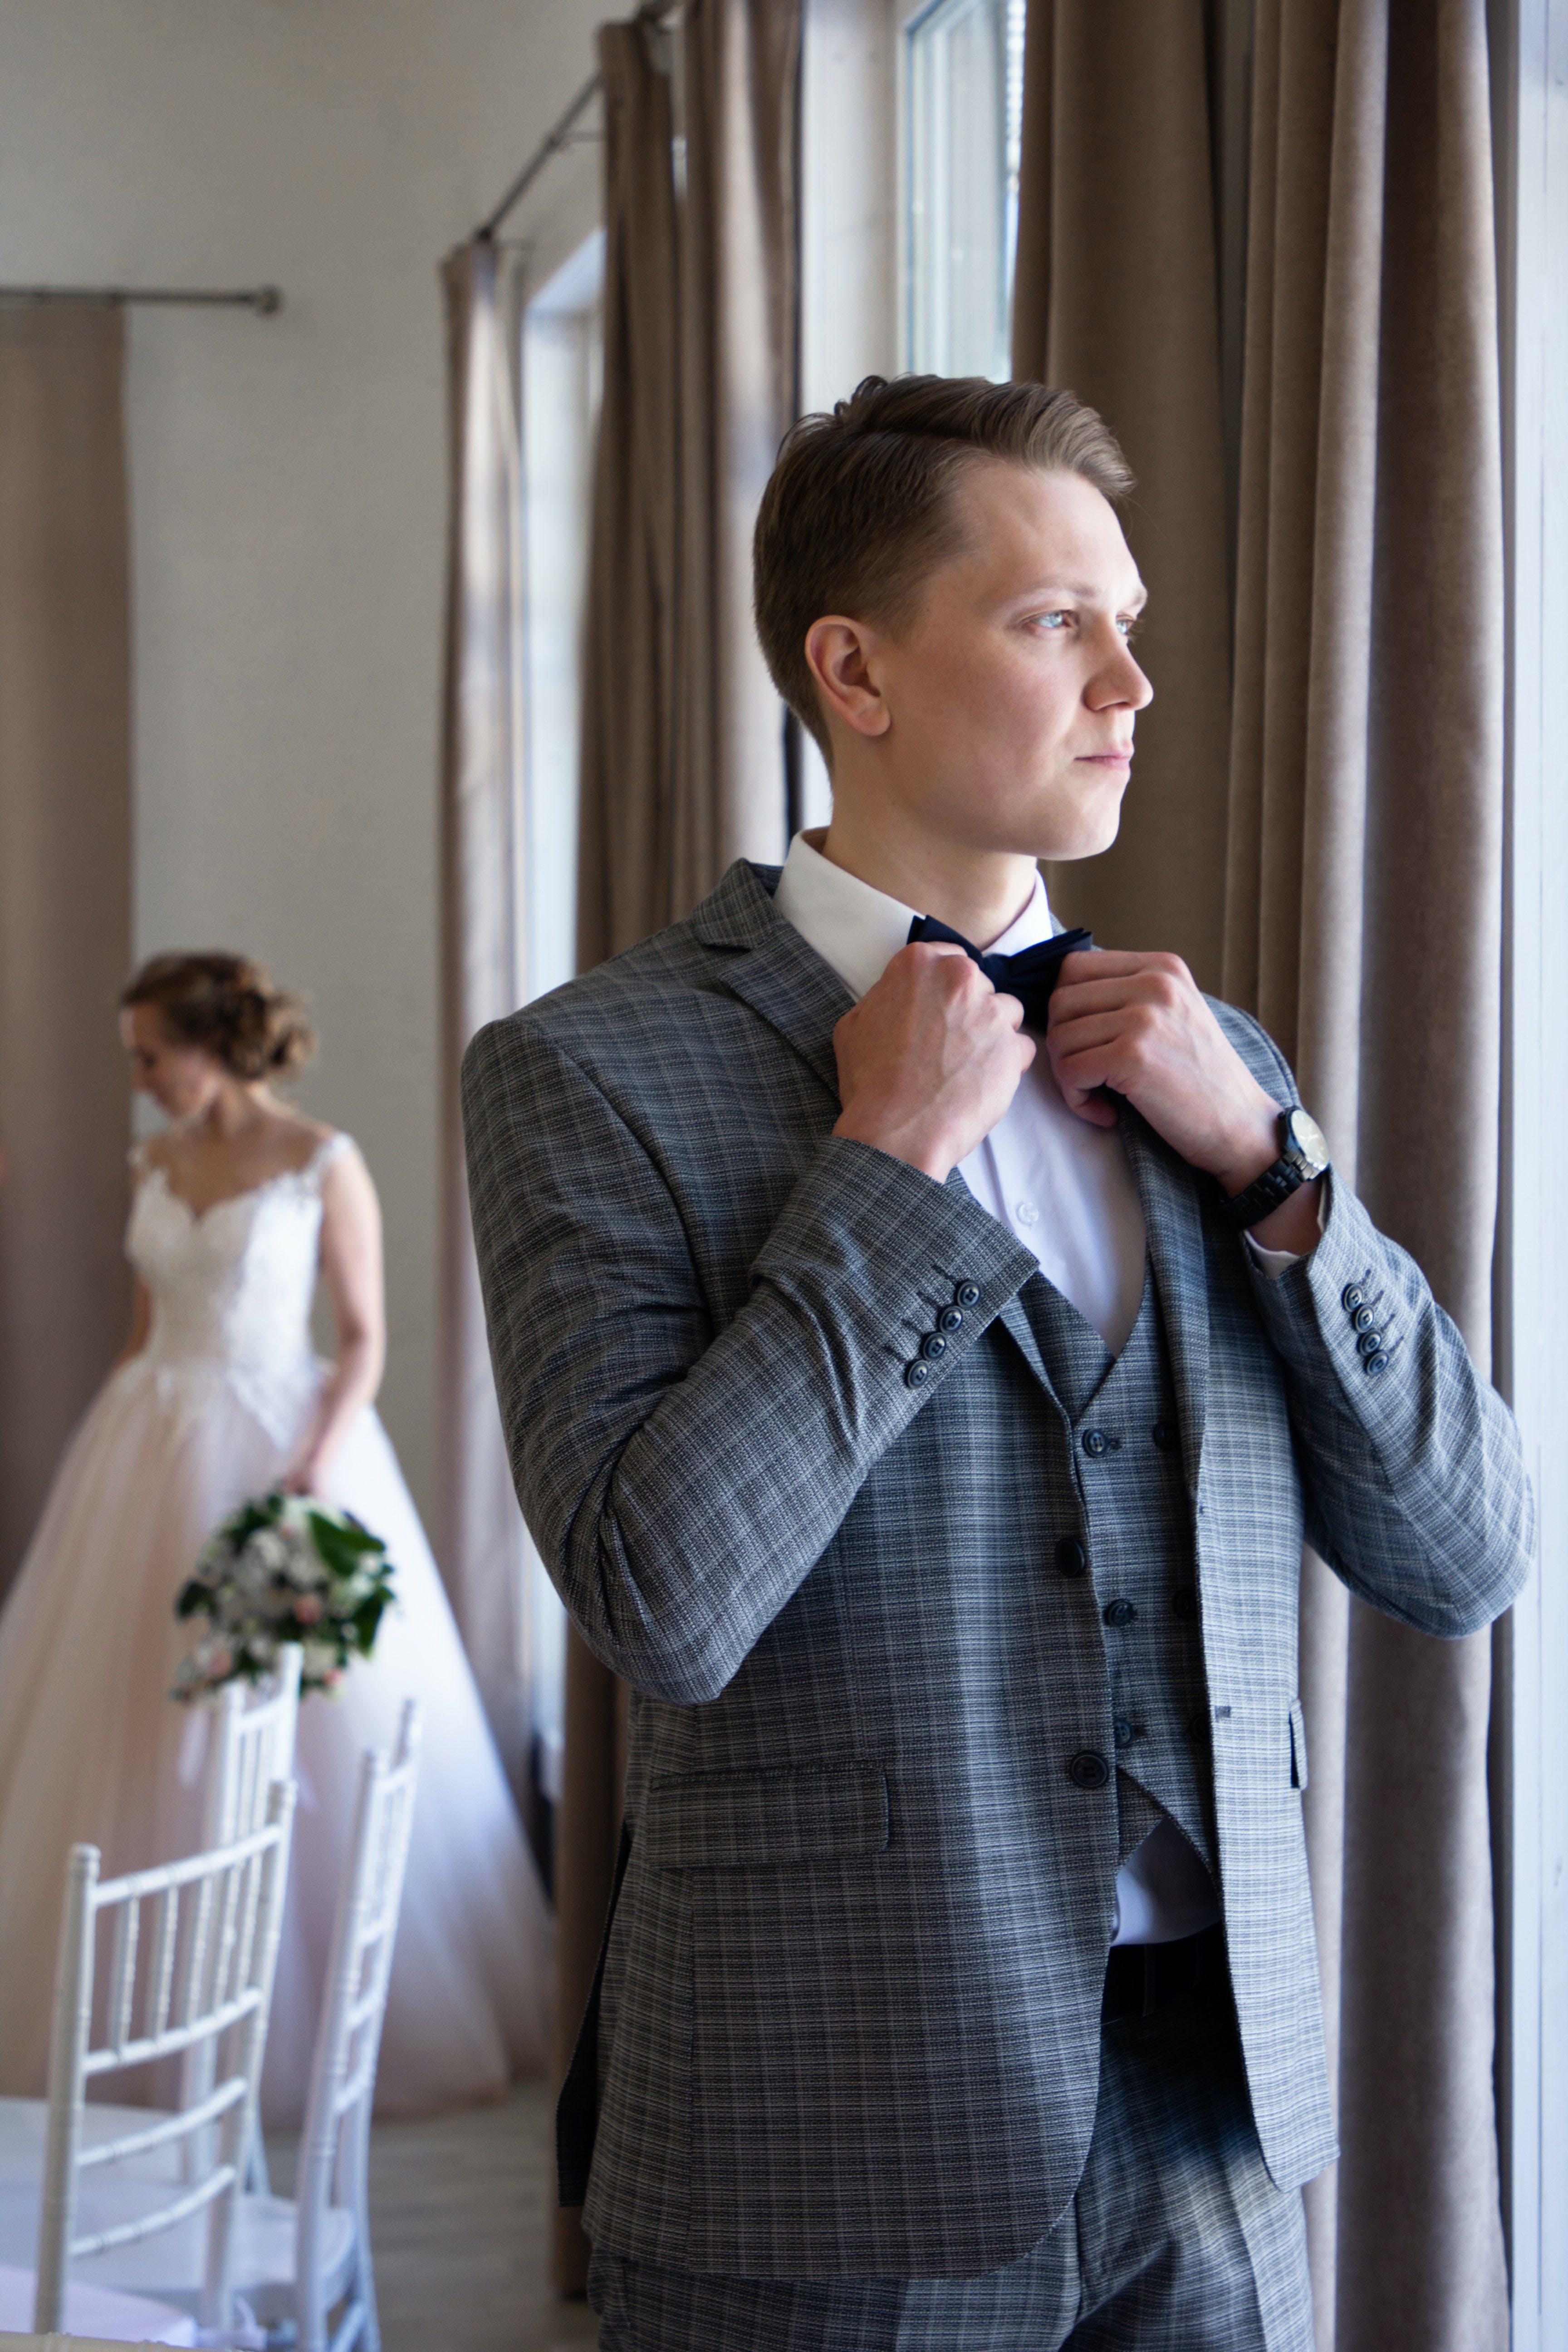 남자, 보고 있는, 수트, 스타일의 무료 스톡 사진